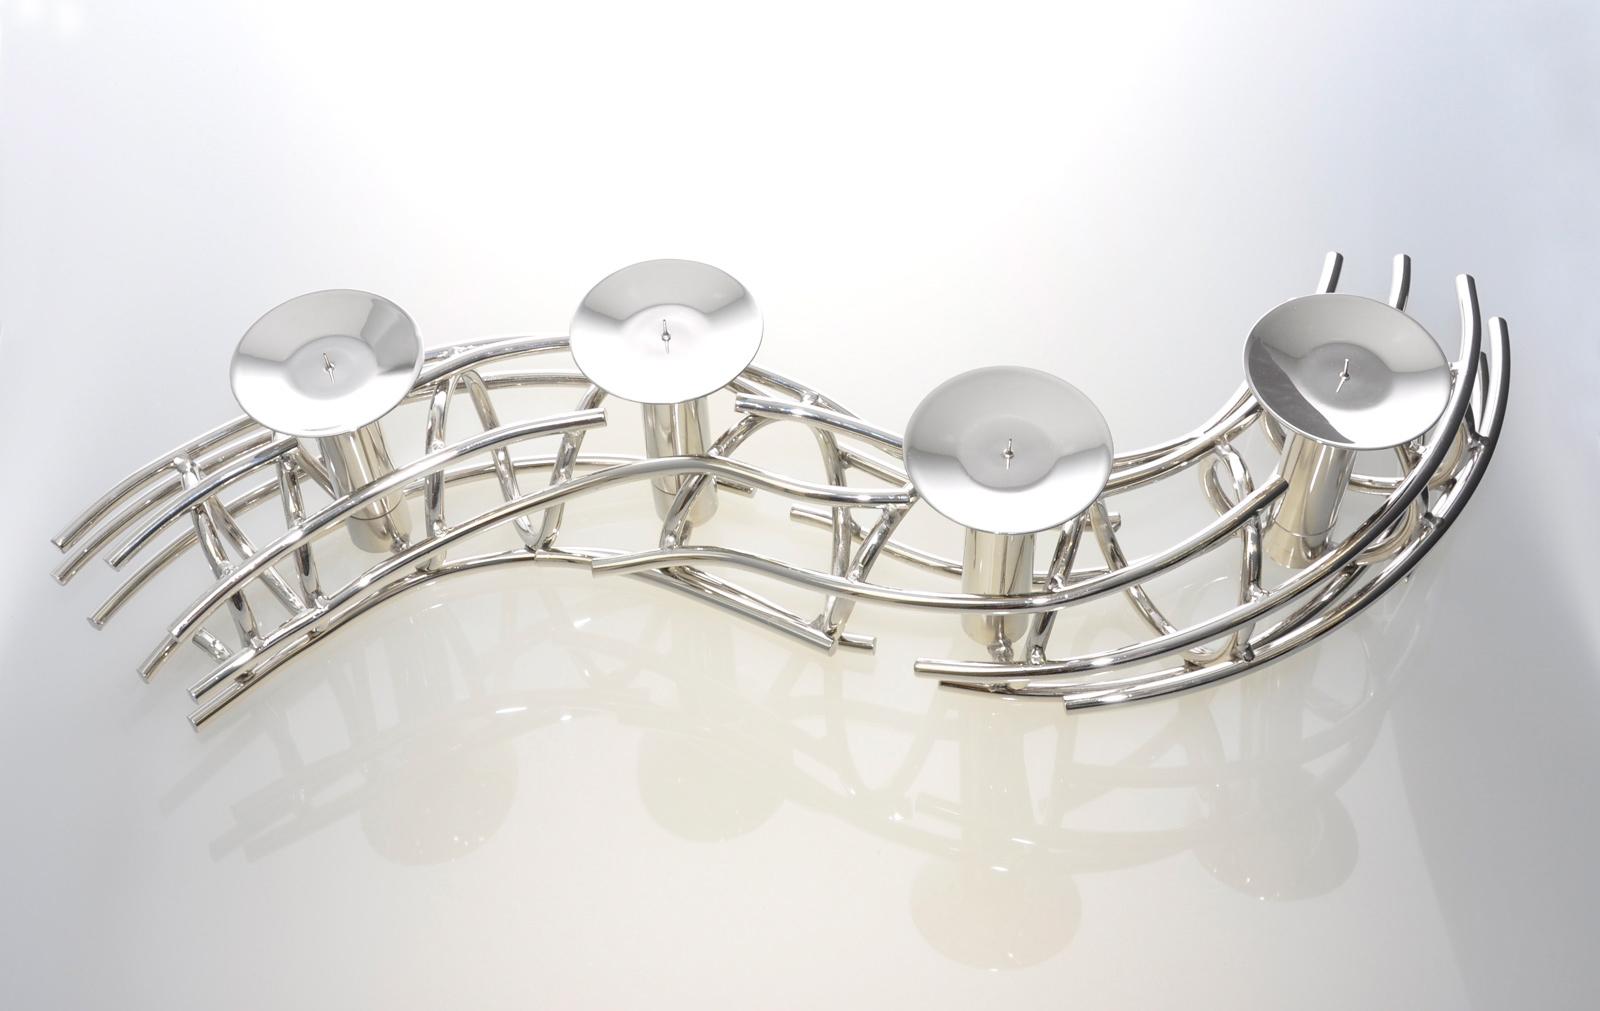 fink corona leuchter 86 cm 4 flammig vernickelt top. Black Bedroom Furniture Sets. Home Design Ideas